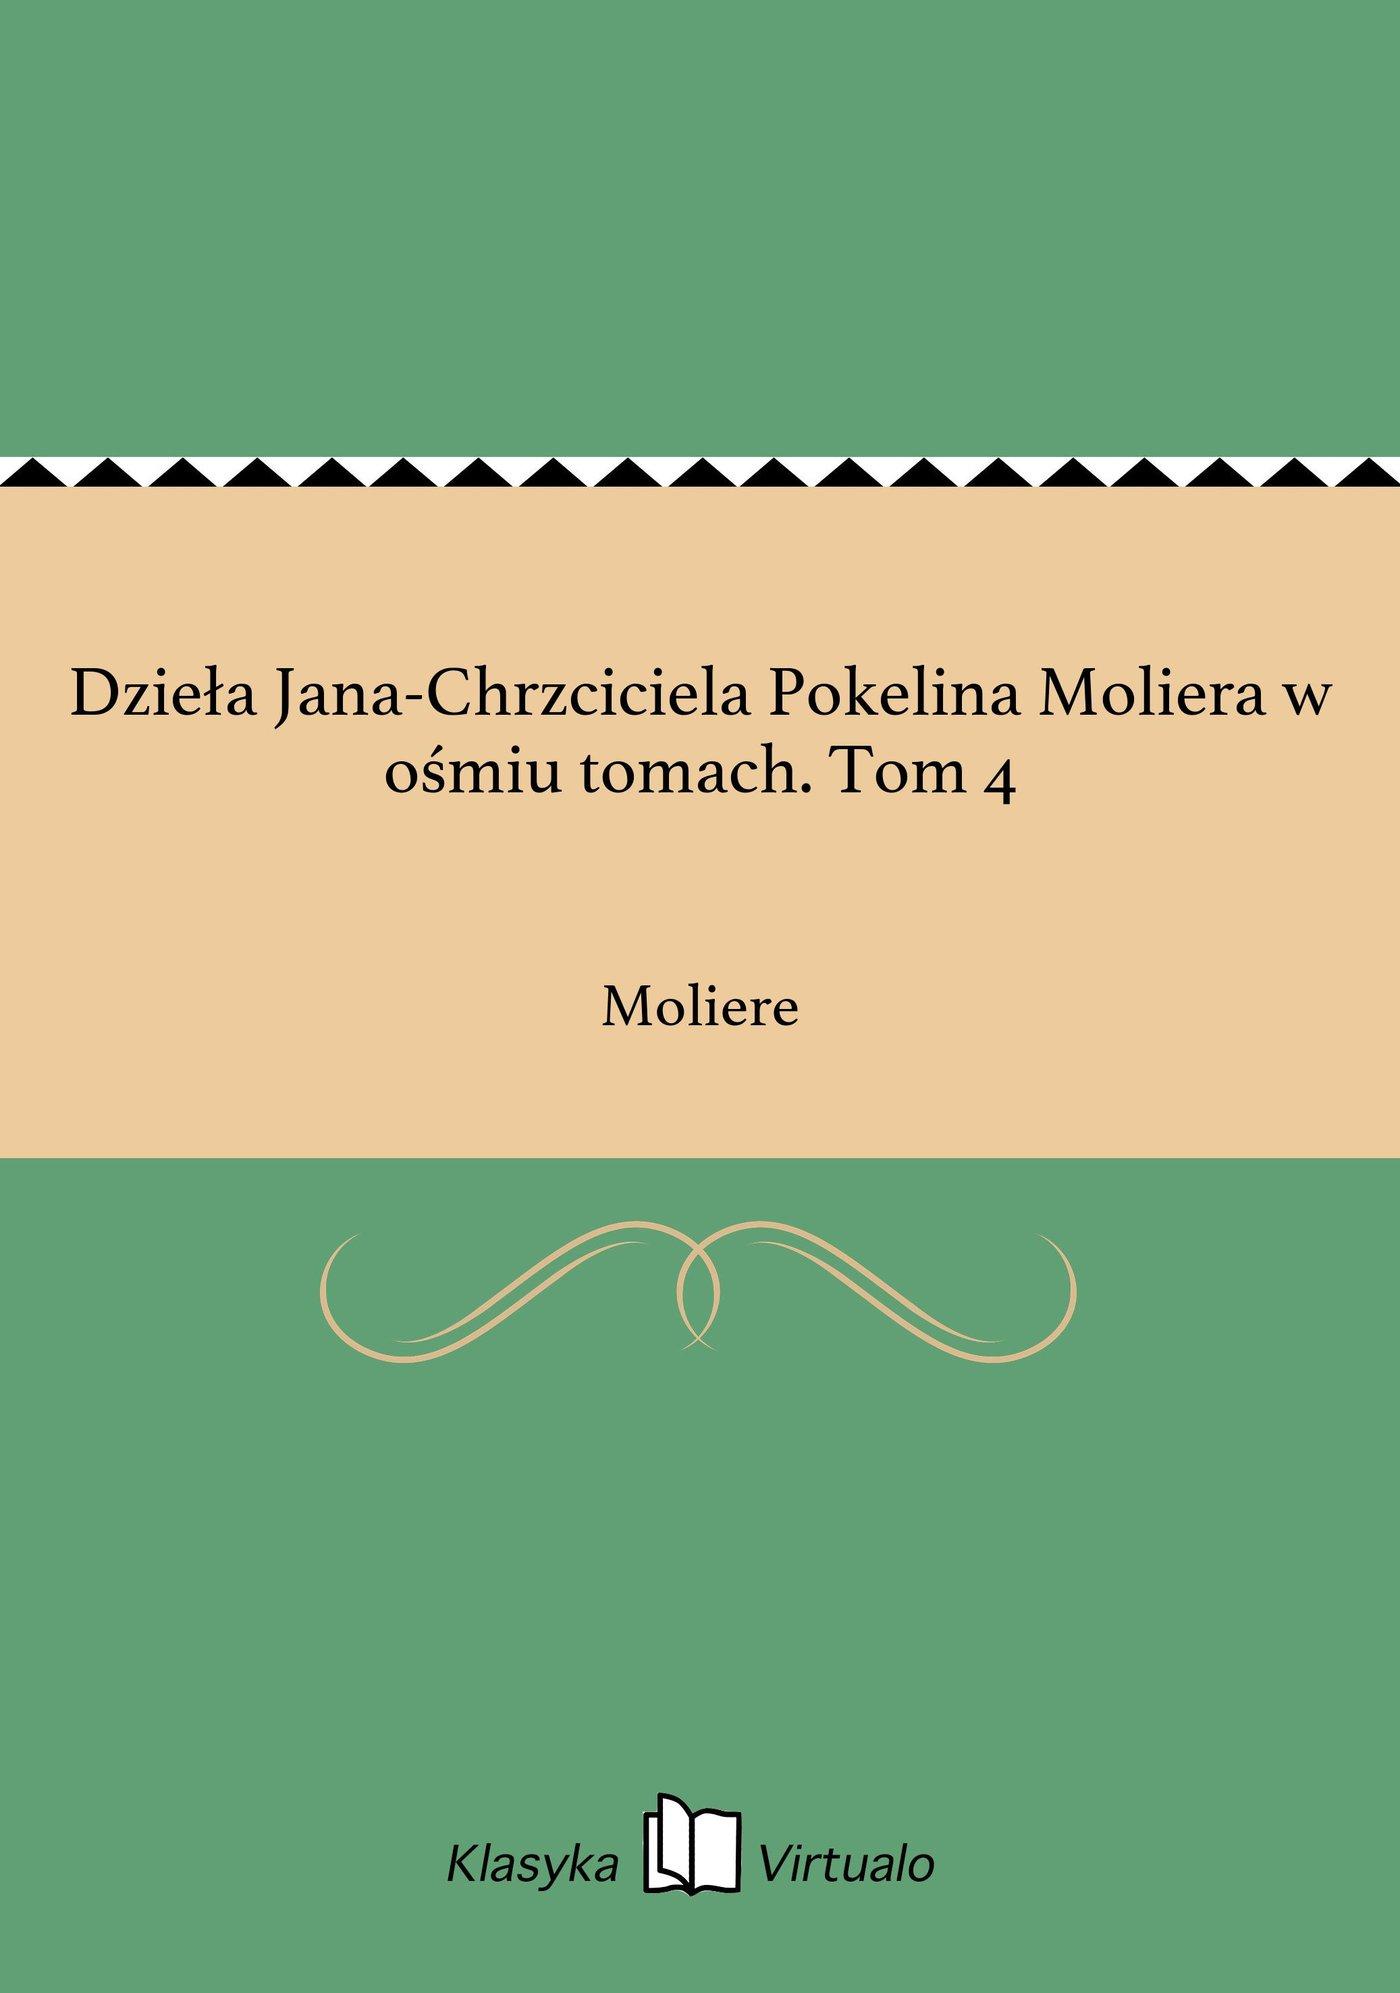 Dzieła Jana-Chrzciciela Pokelina Moliera w ośmiu tomach. Tom 4 - Ebook (Książka EPUB) do pobrania w formacie EPUB